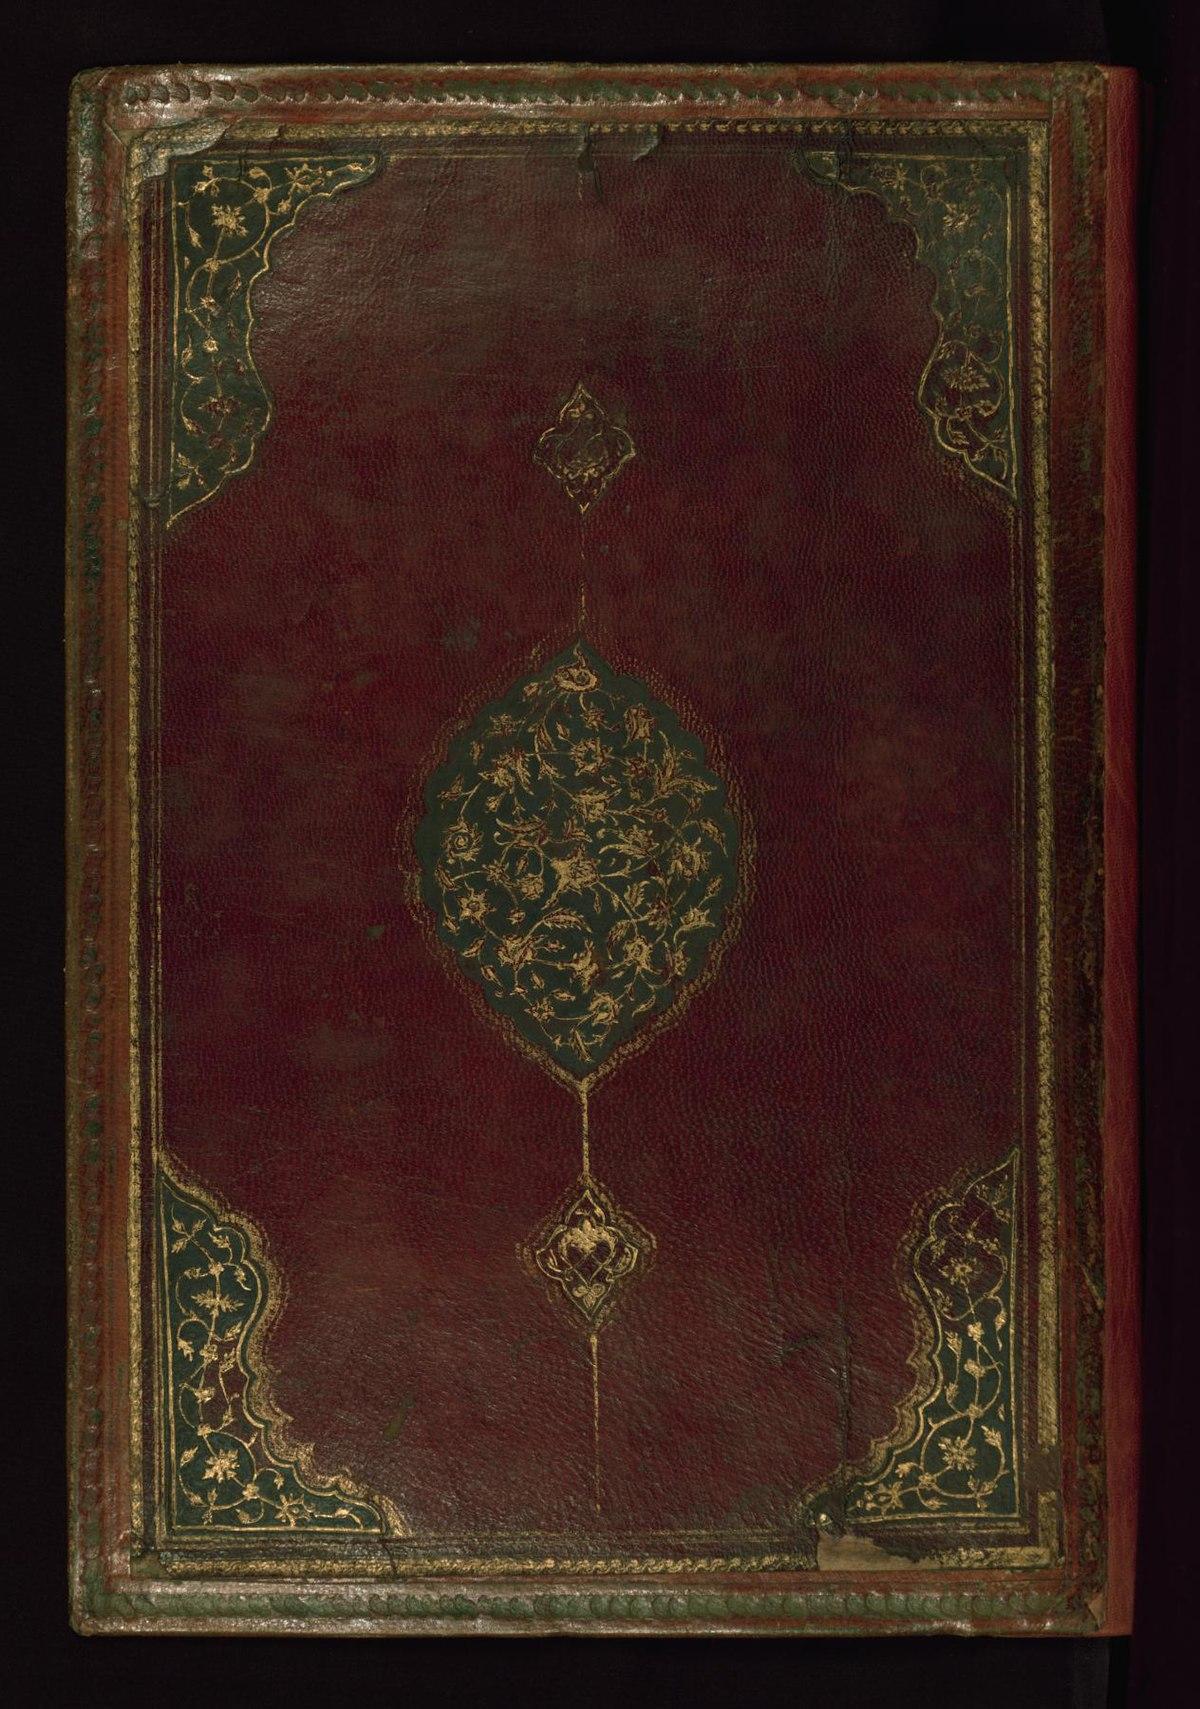 الشعر العربي في عصر صدر الإسلام ويكيبيديا